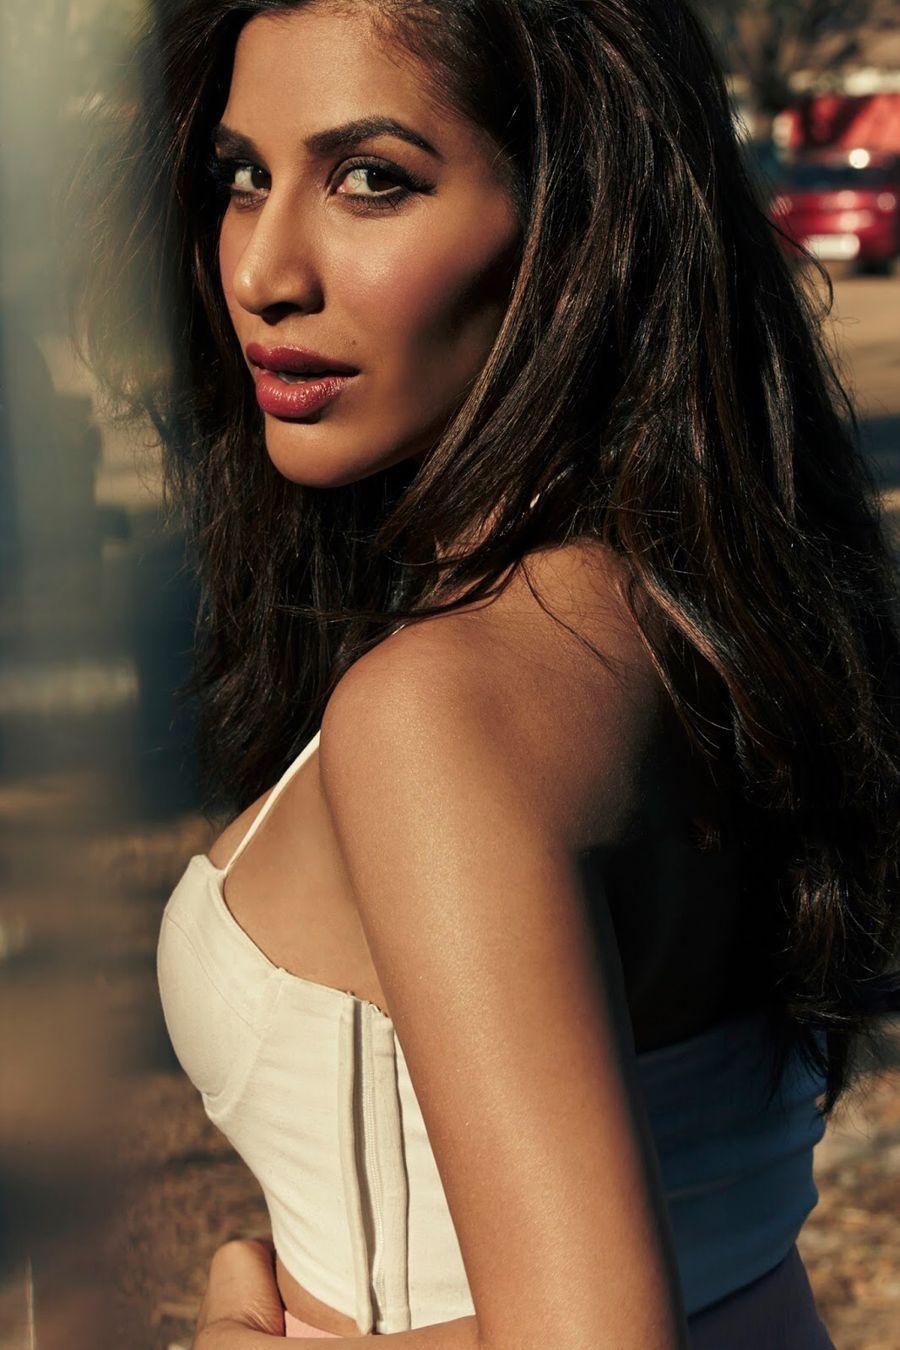 Watch Sophia Chaudhary video